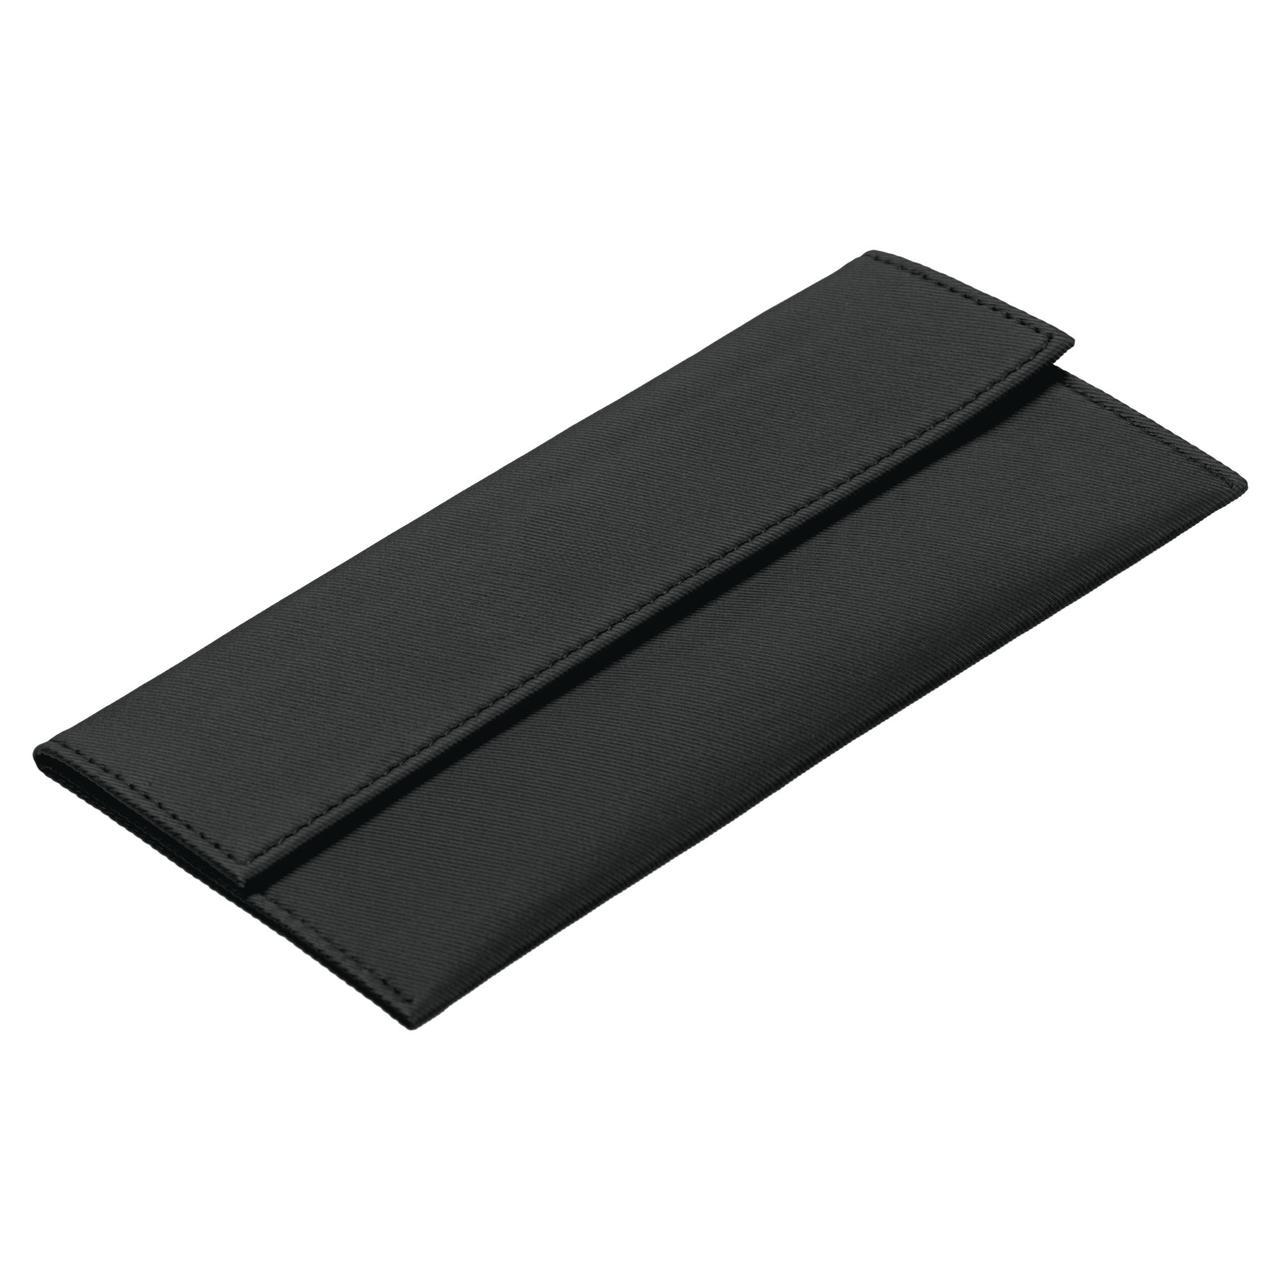 Чехол универсальный Twill, черный (артикул 4076.30)